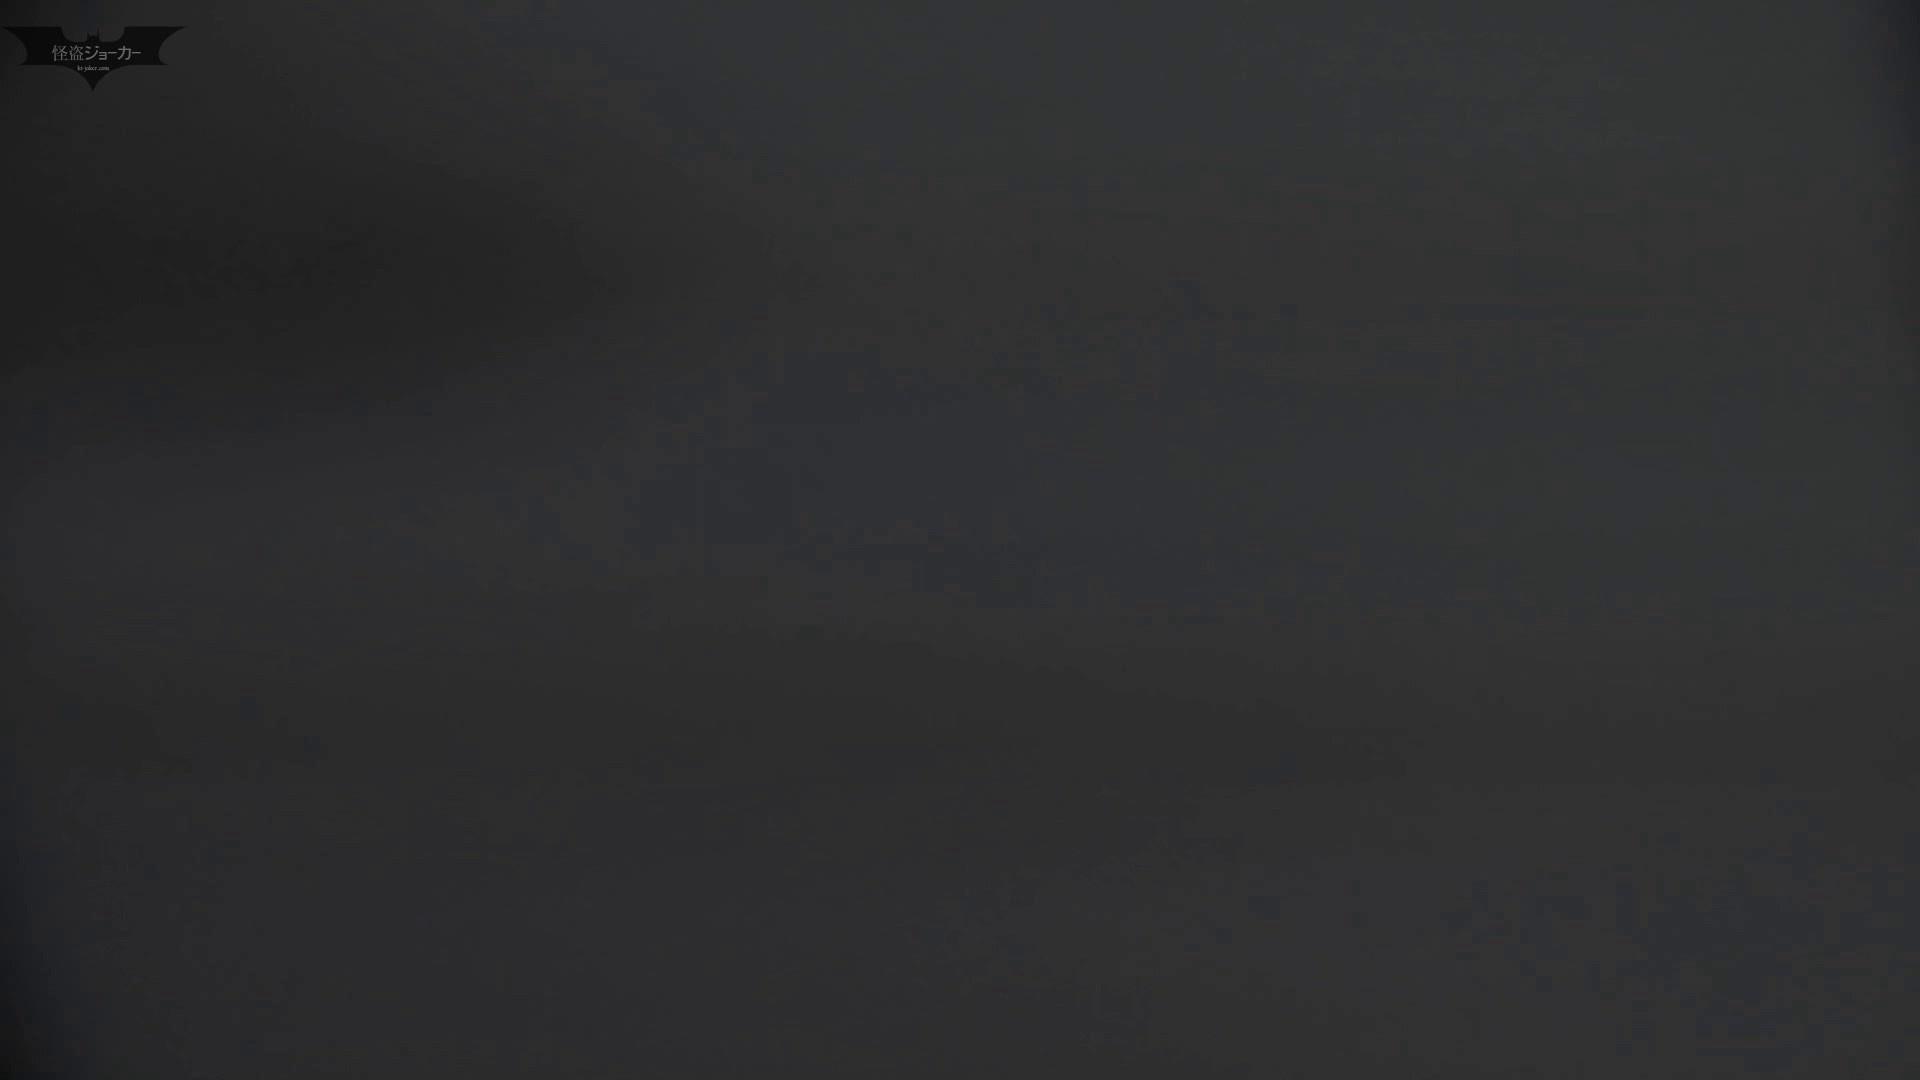 お銀さん vol.59 ピンチ!!「鏡の前で祈る女性」にばれる危機 お姉さん  98PIX 14